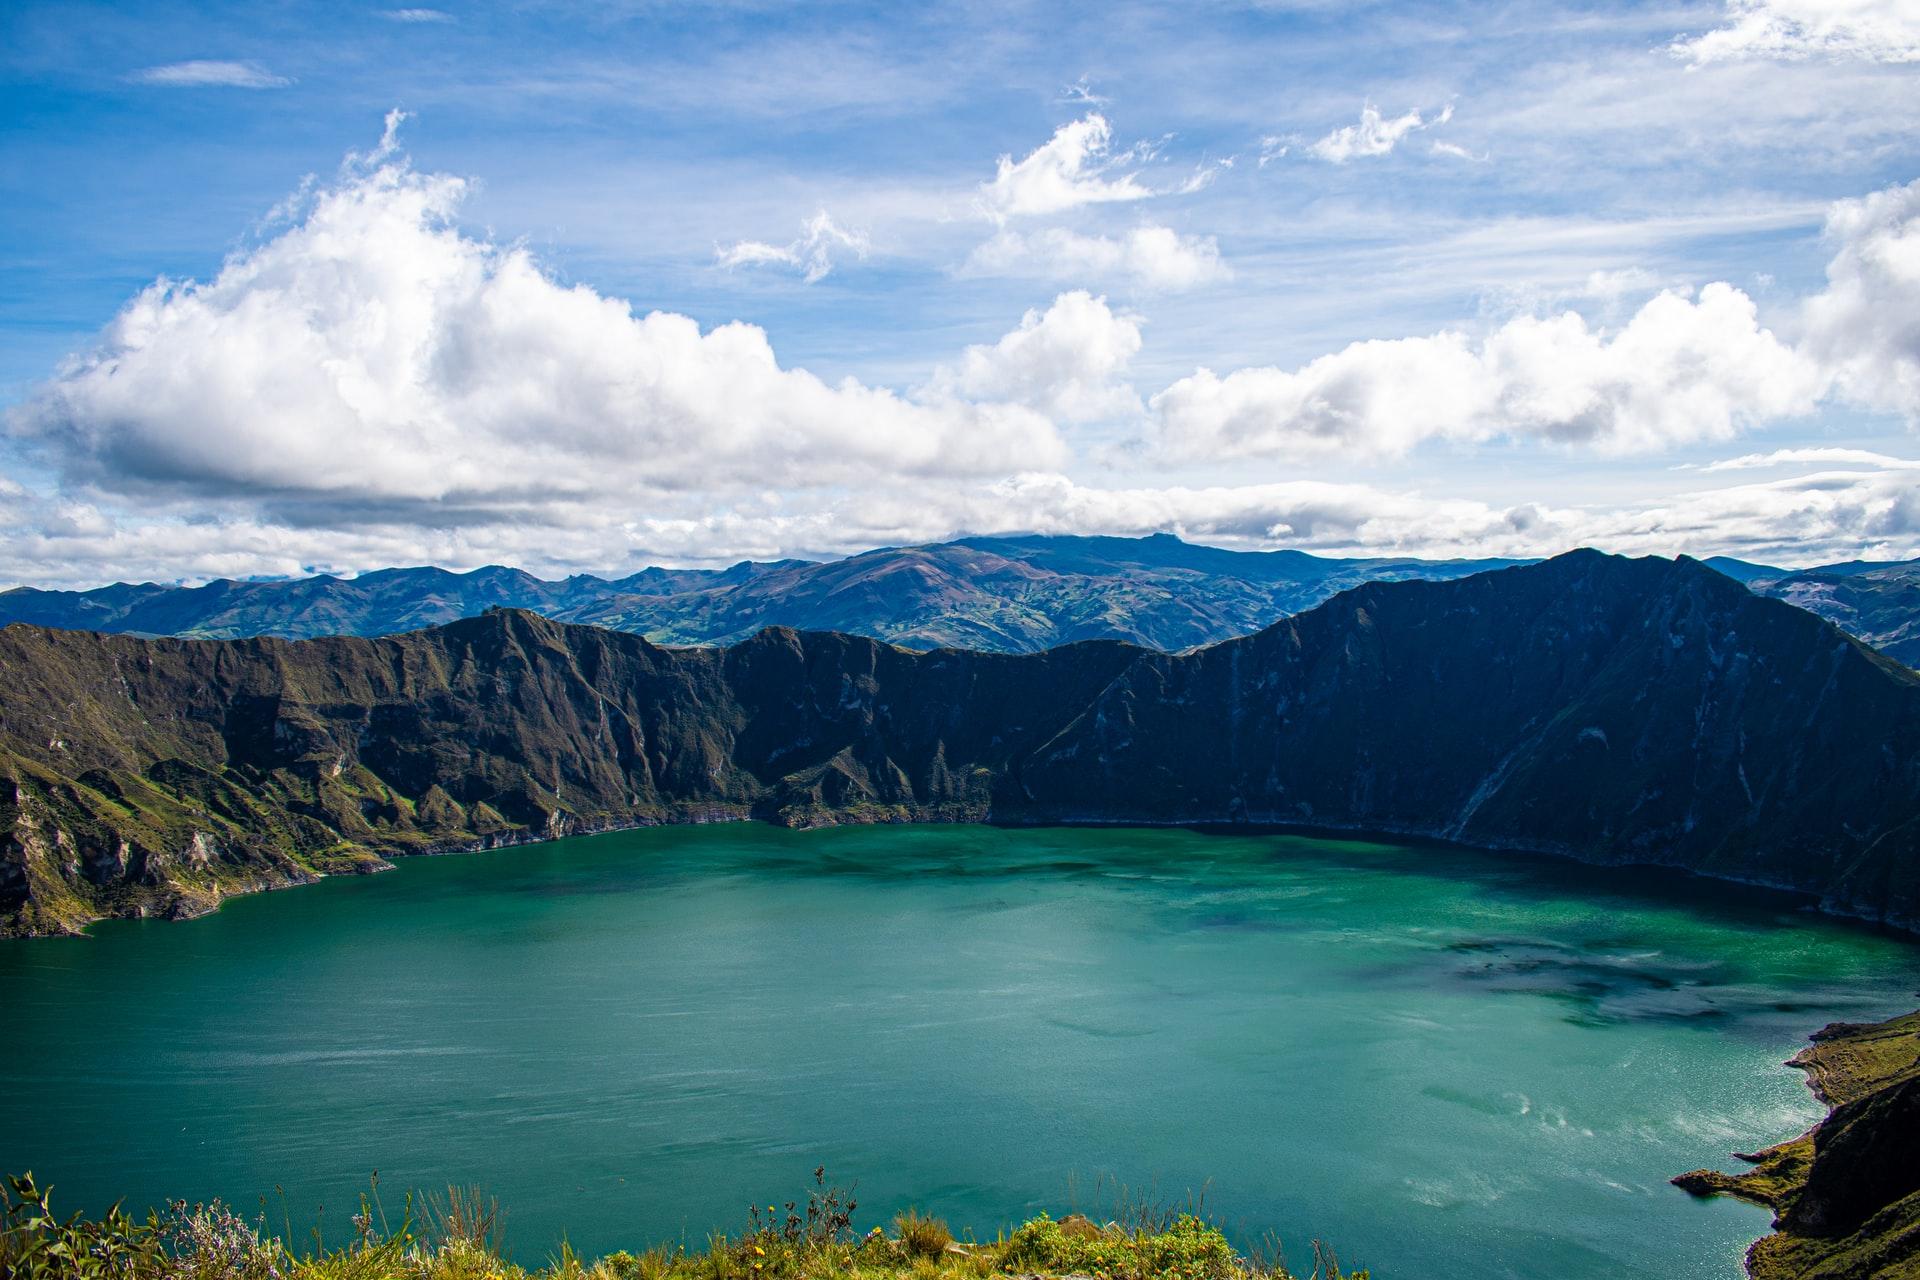 Εκουαδόρ - Νησιά Γκαλαπάγκος - Περού  14 μέρες